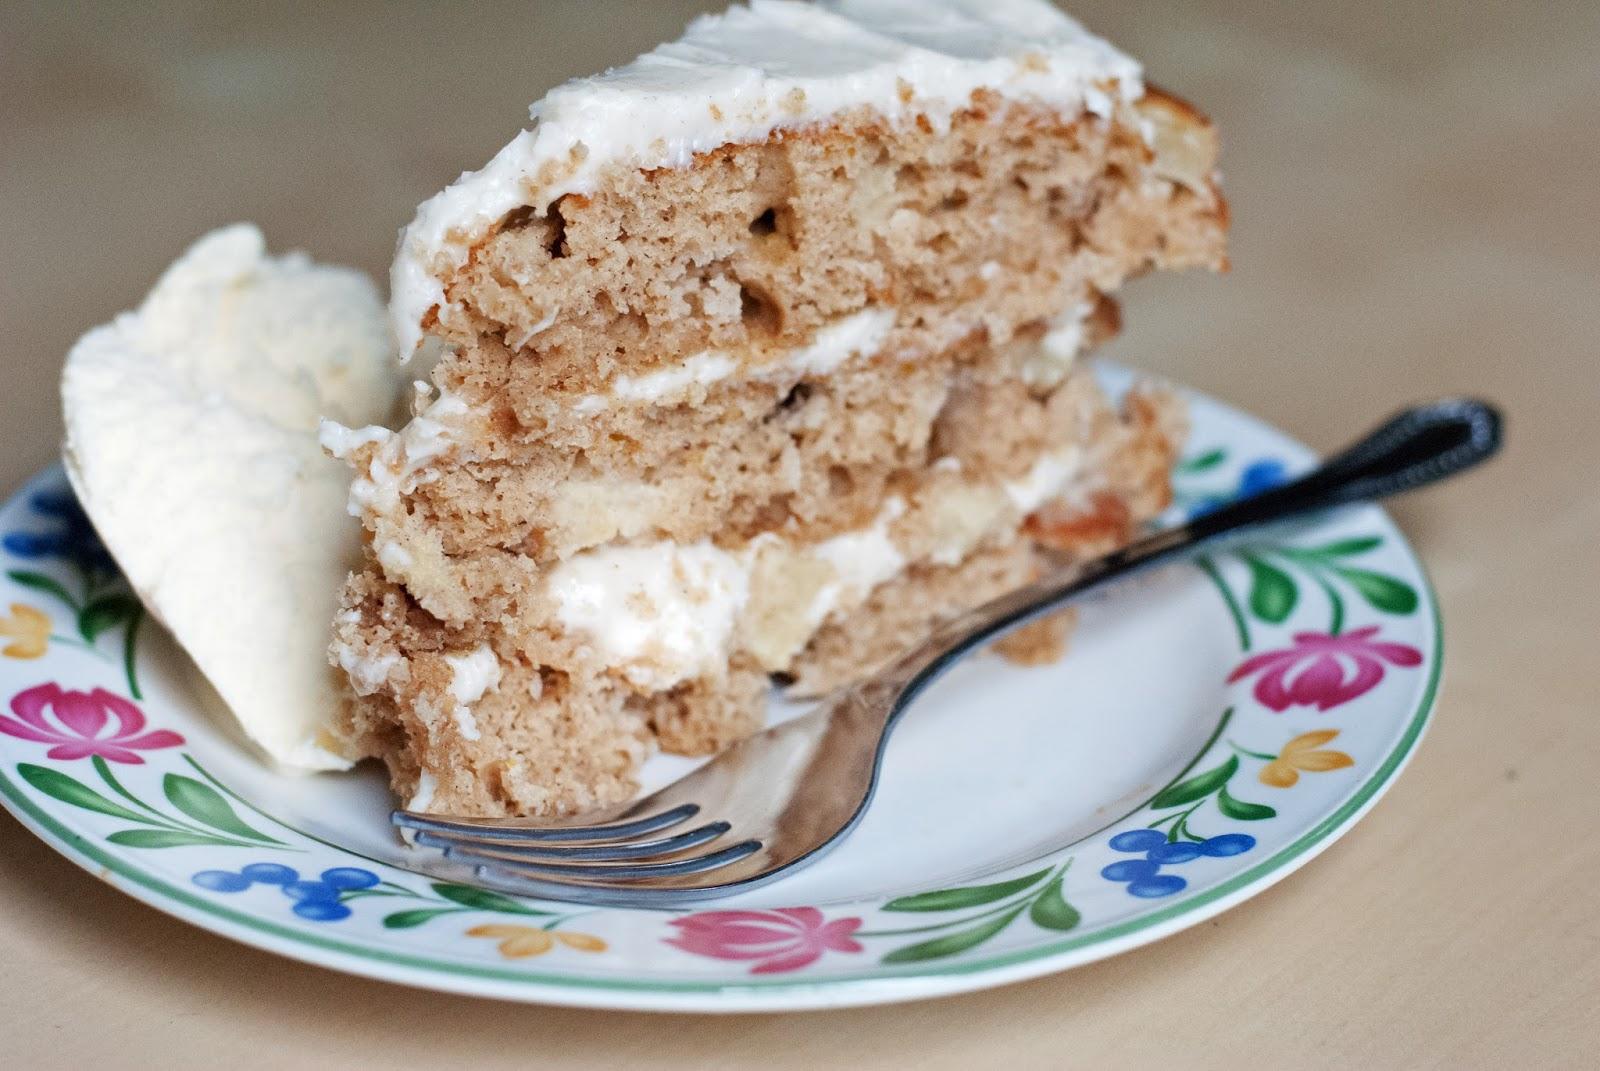 Ali à la mode: Brown Butter Apple Spice Layer Cake with Maple Cream ...